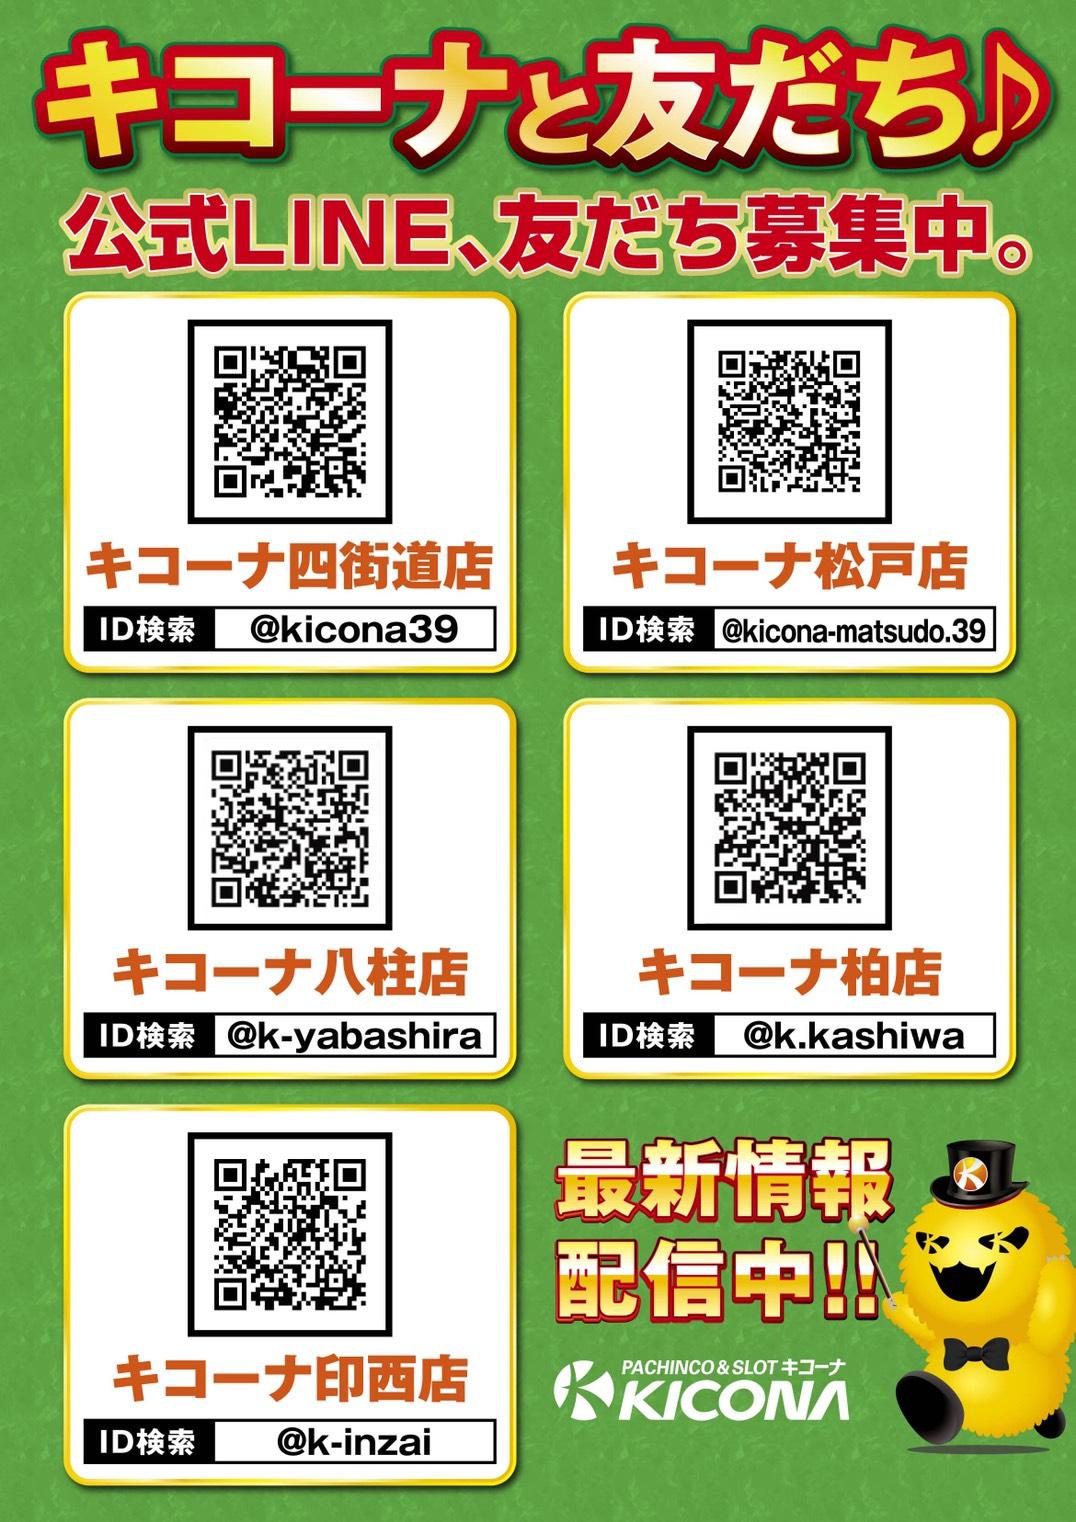 関東キコーナライングループ